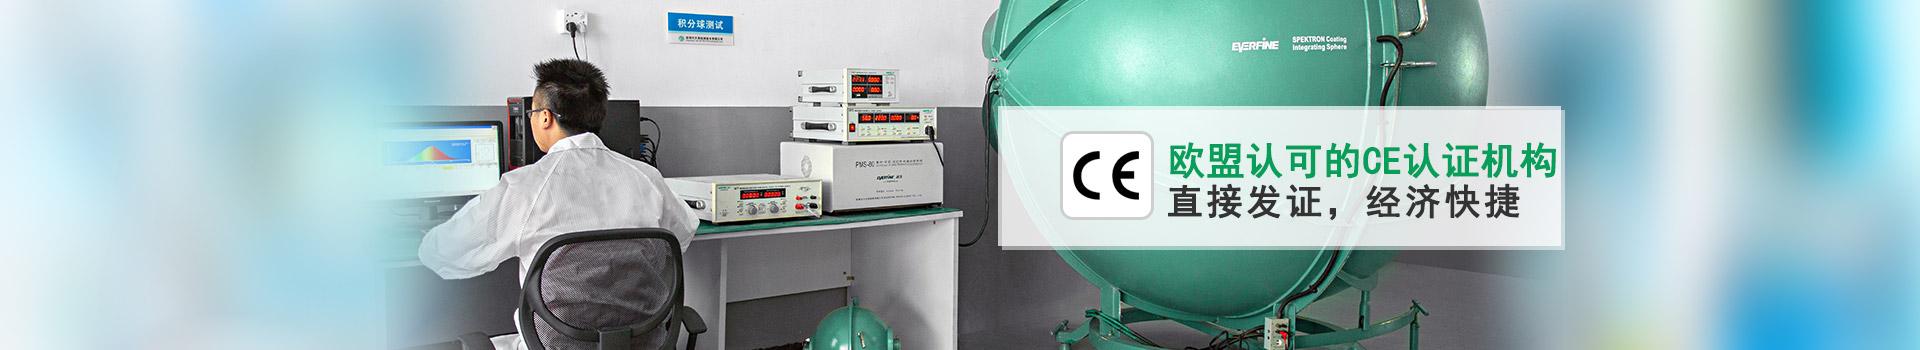 CE认证-天海检测